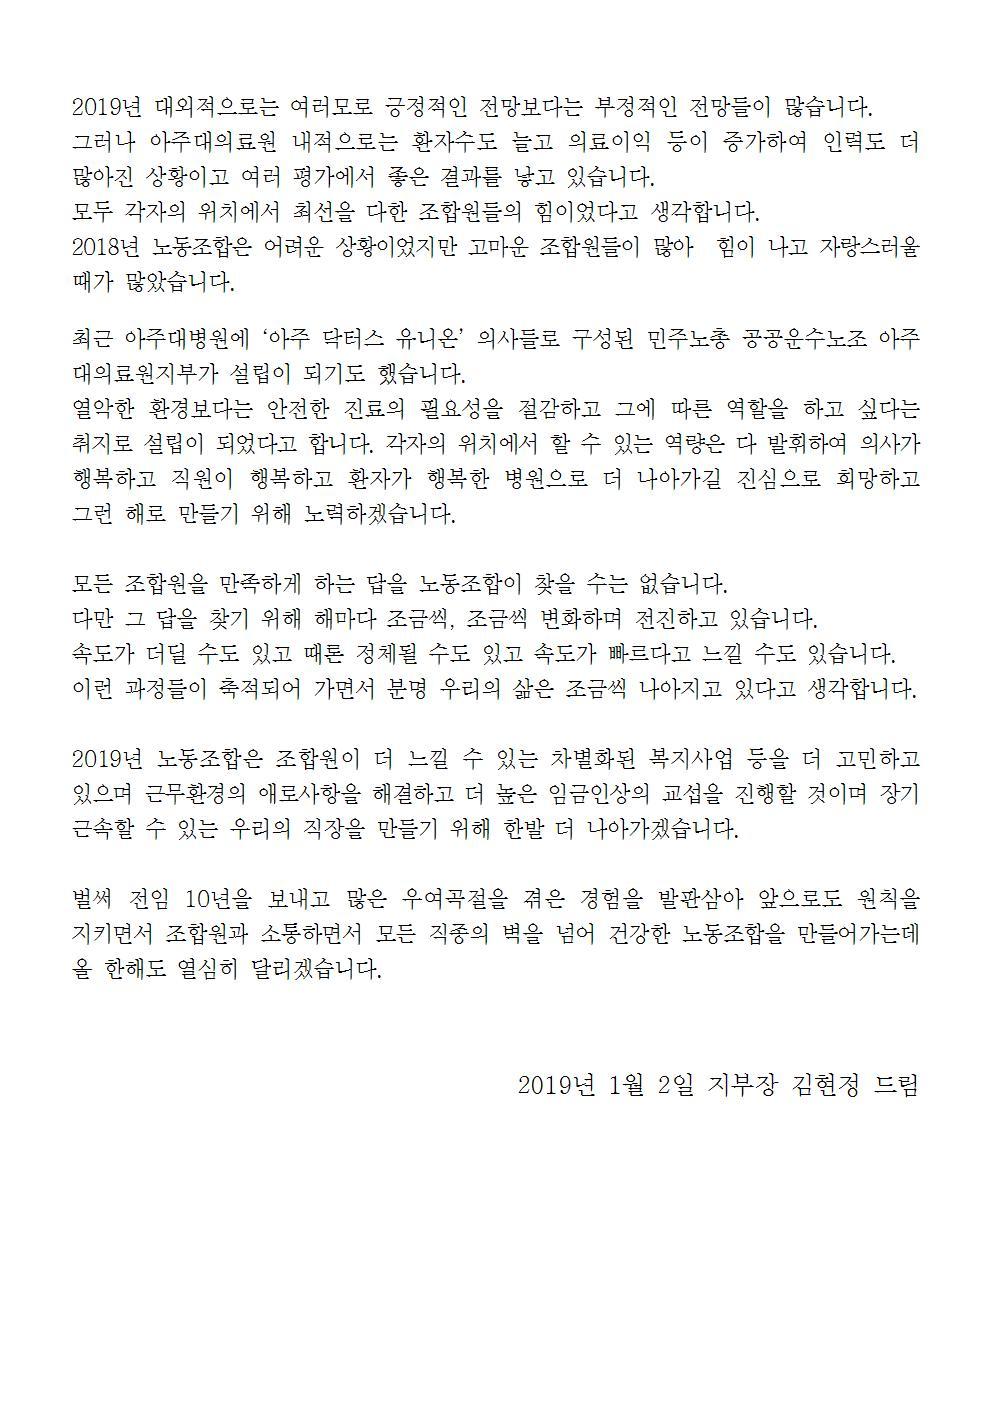 2019 개벽지1호(신년사 수정)002.jpg